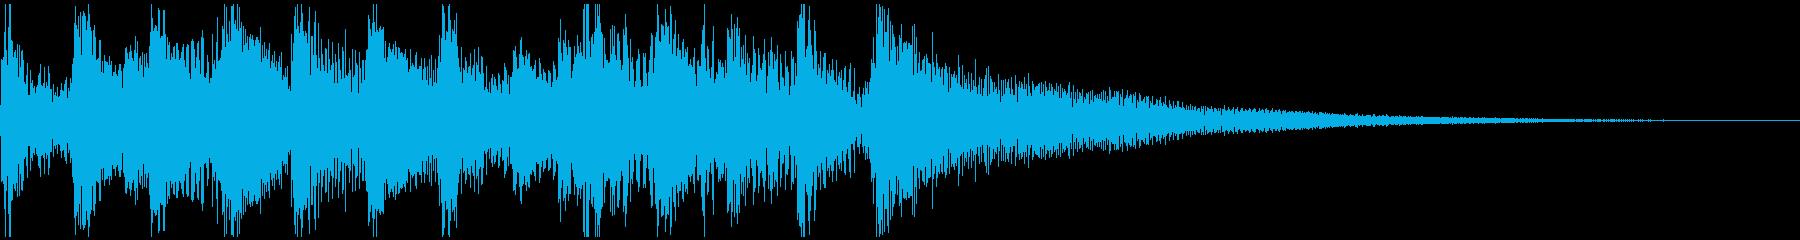 伝統的なクリスマスクラシック、We...の再生済みの波形